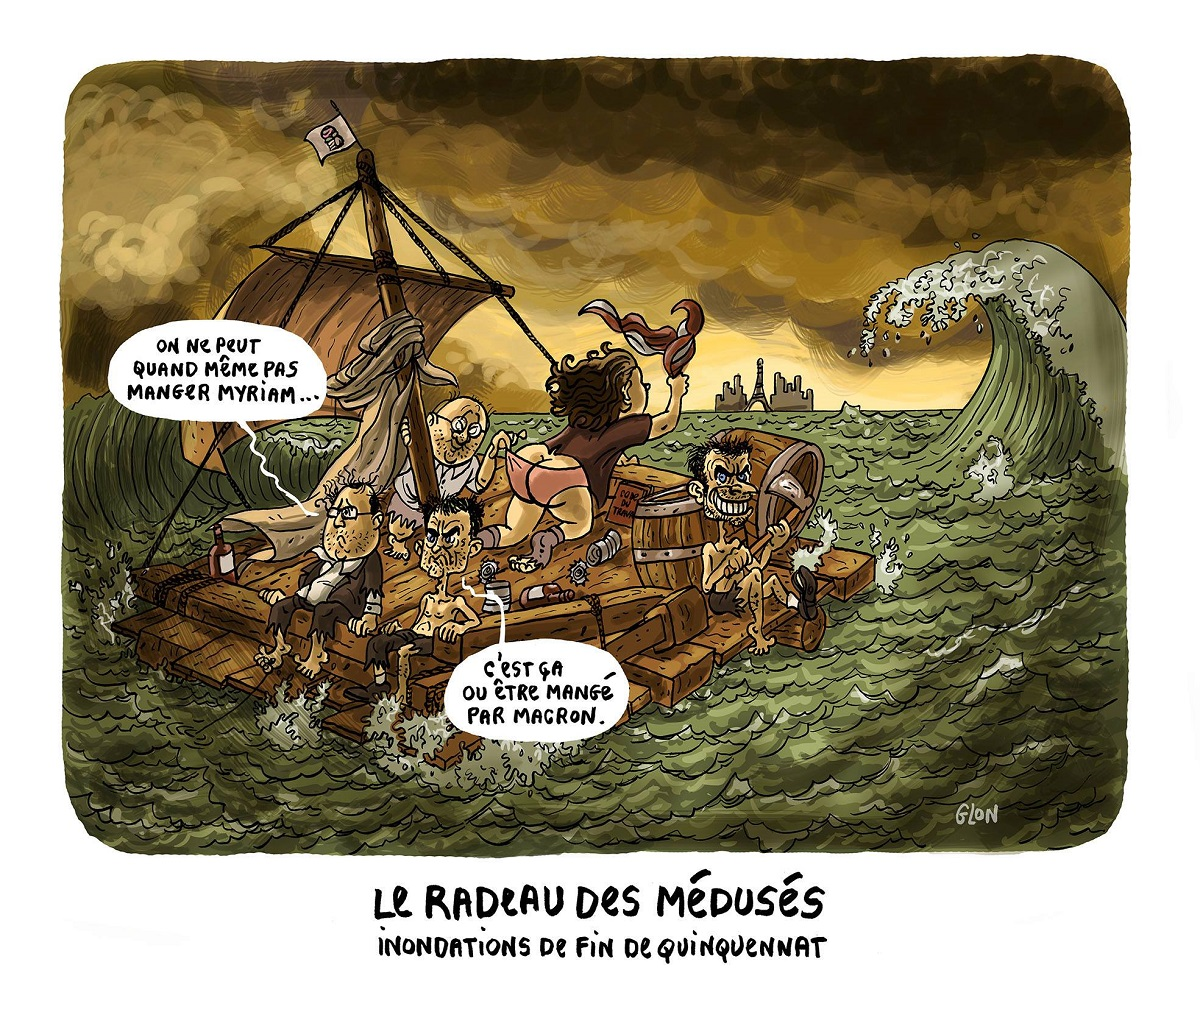 dessin d'actualité humoristique montrant la fin de quinquennat comme le Radeau de la Méduse